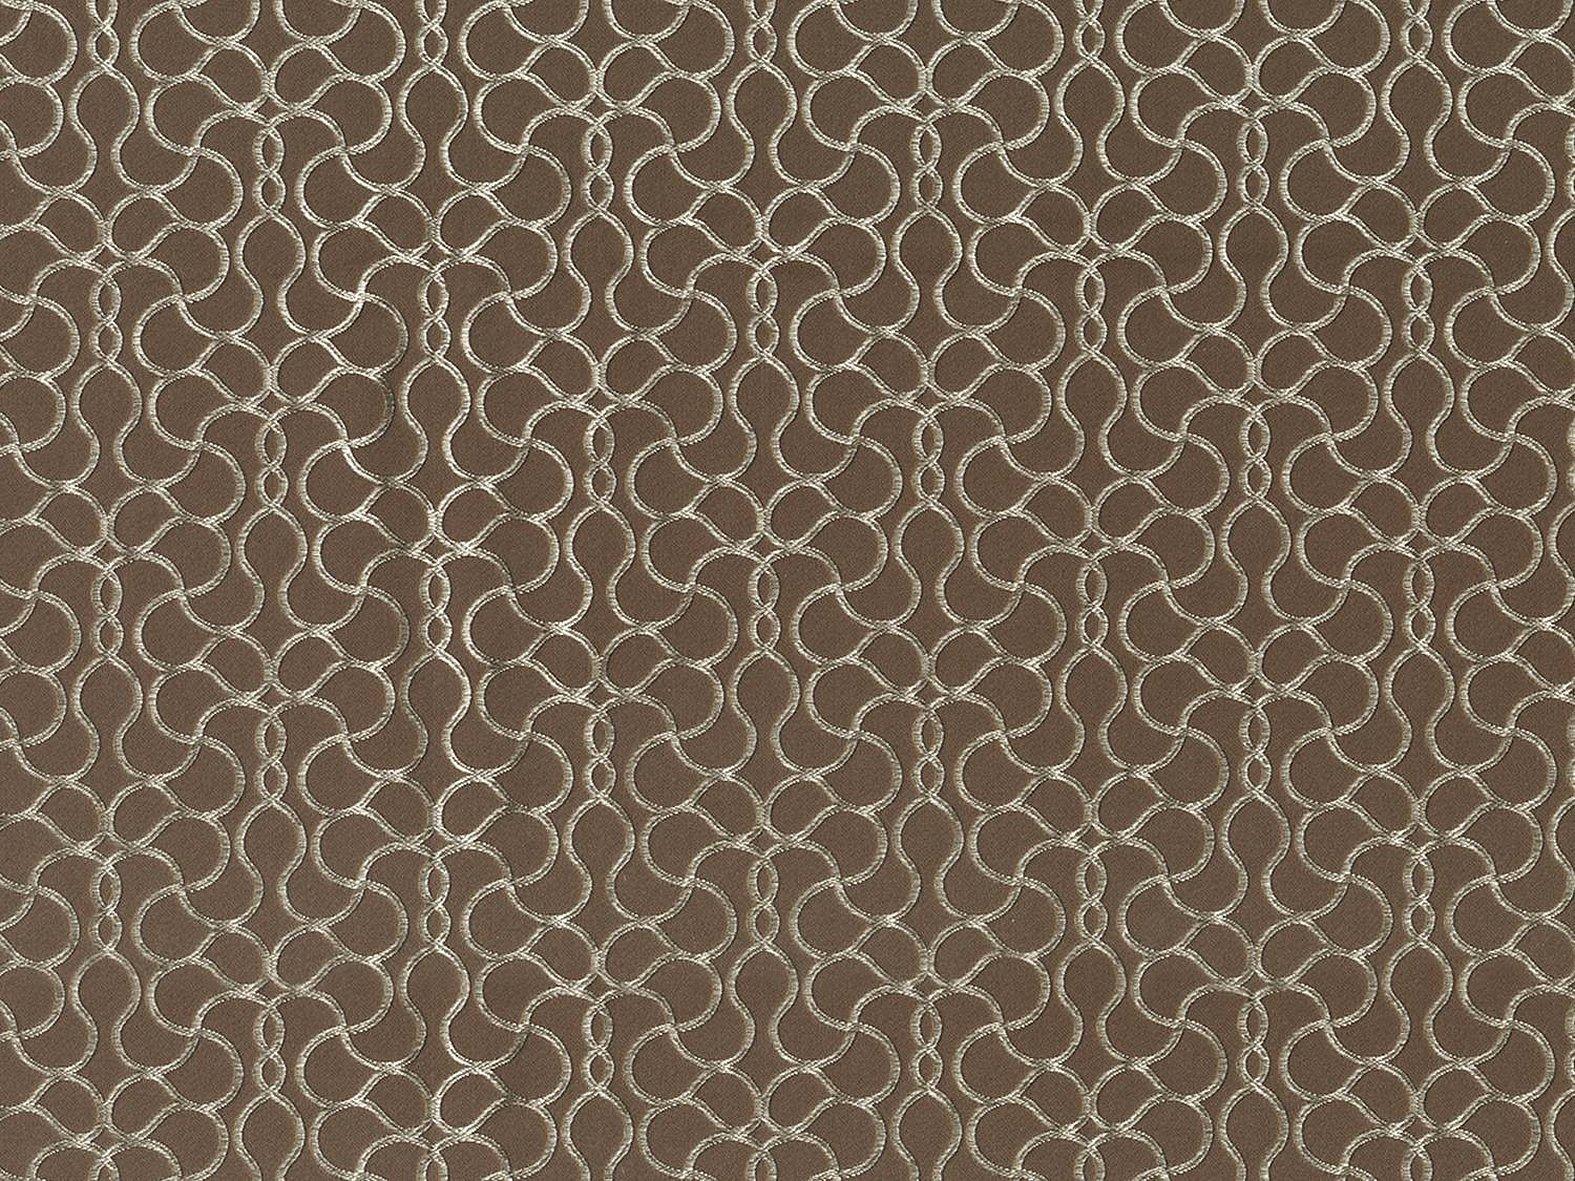 Ткань коричневая с рисунком текстура бесшовная